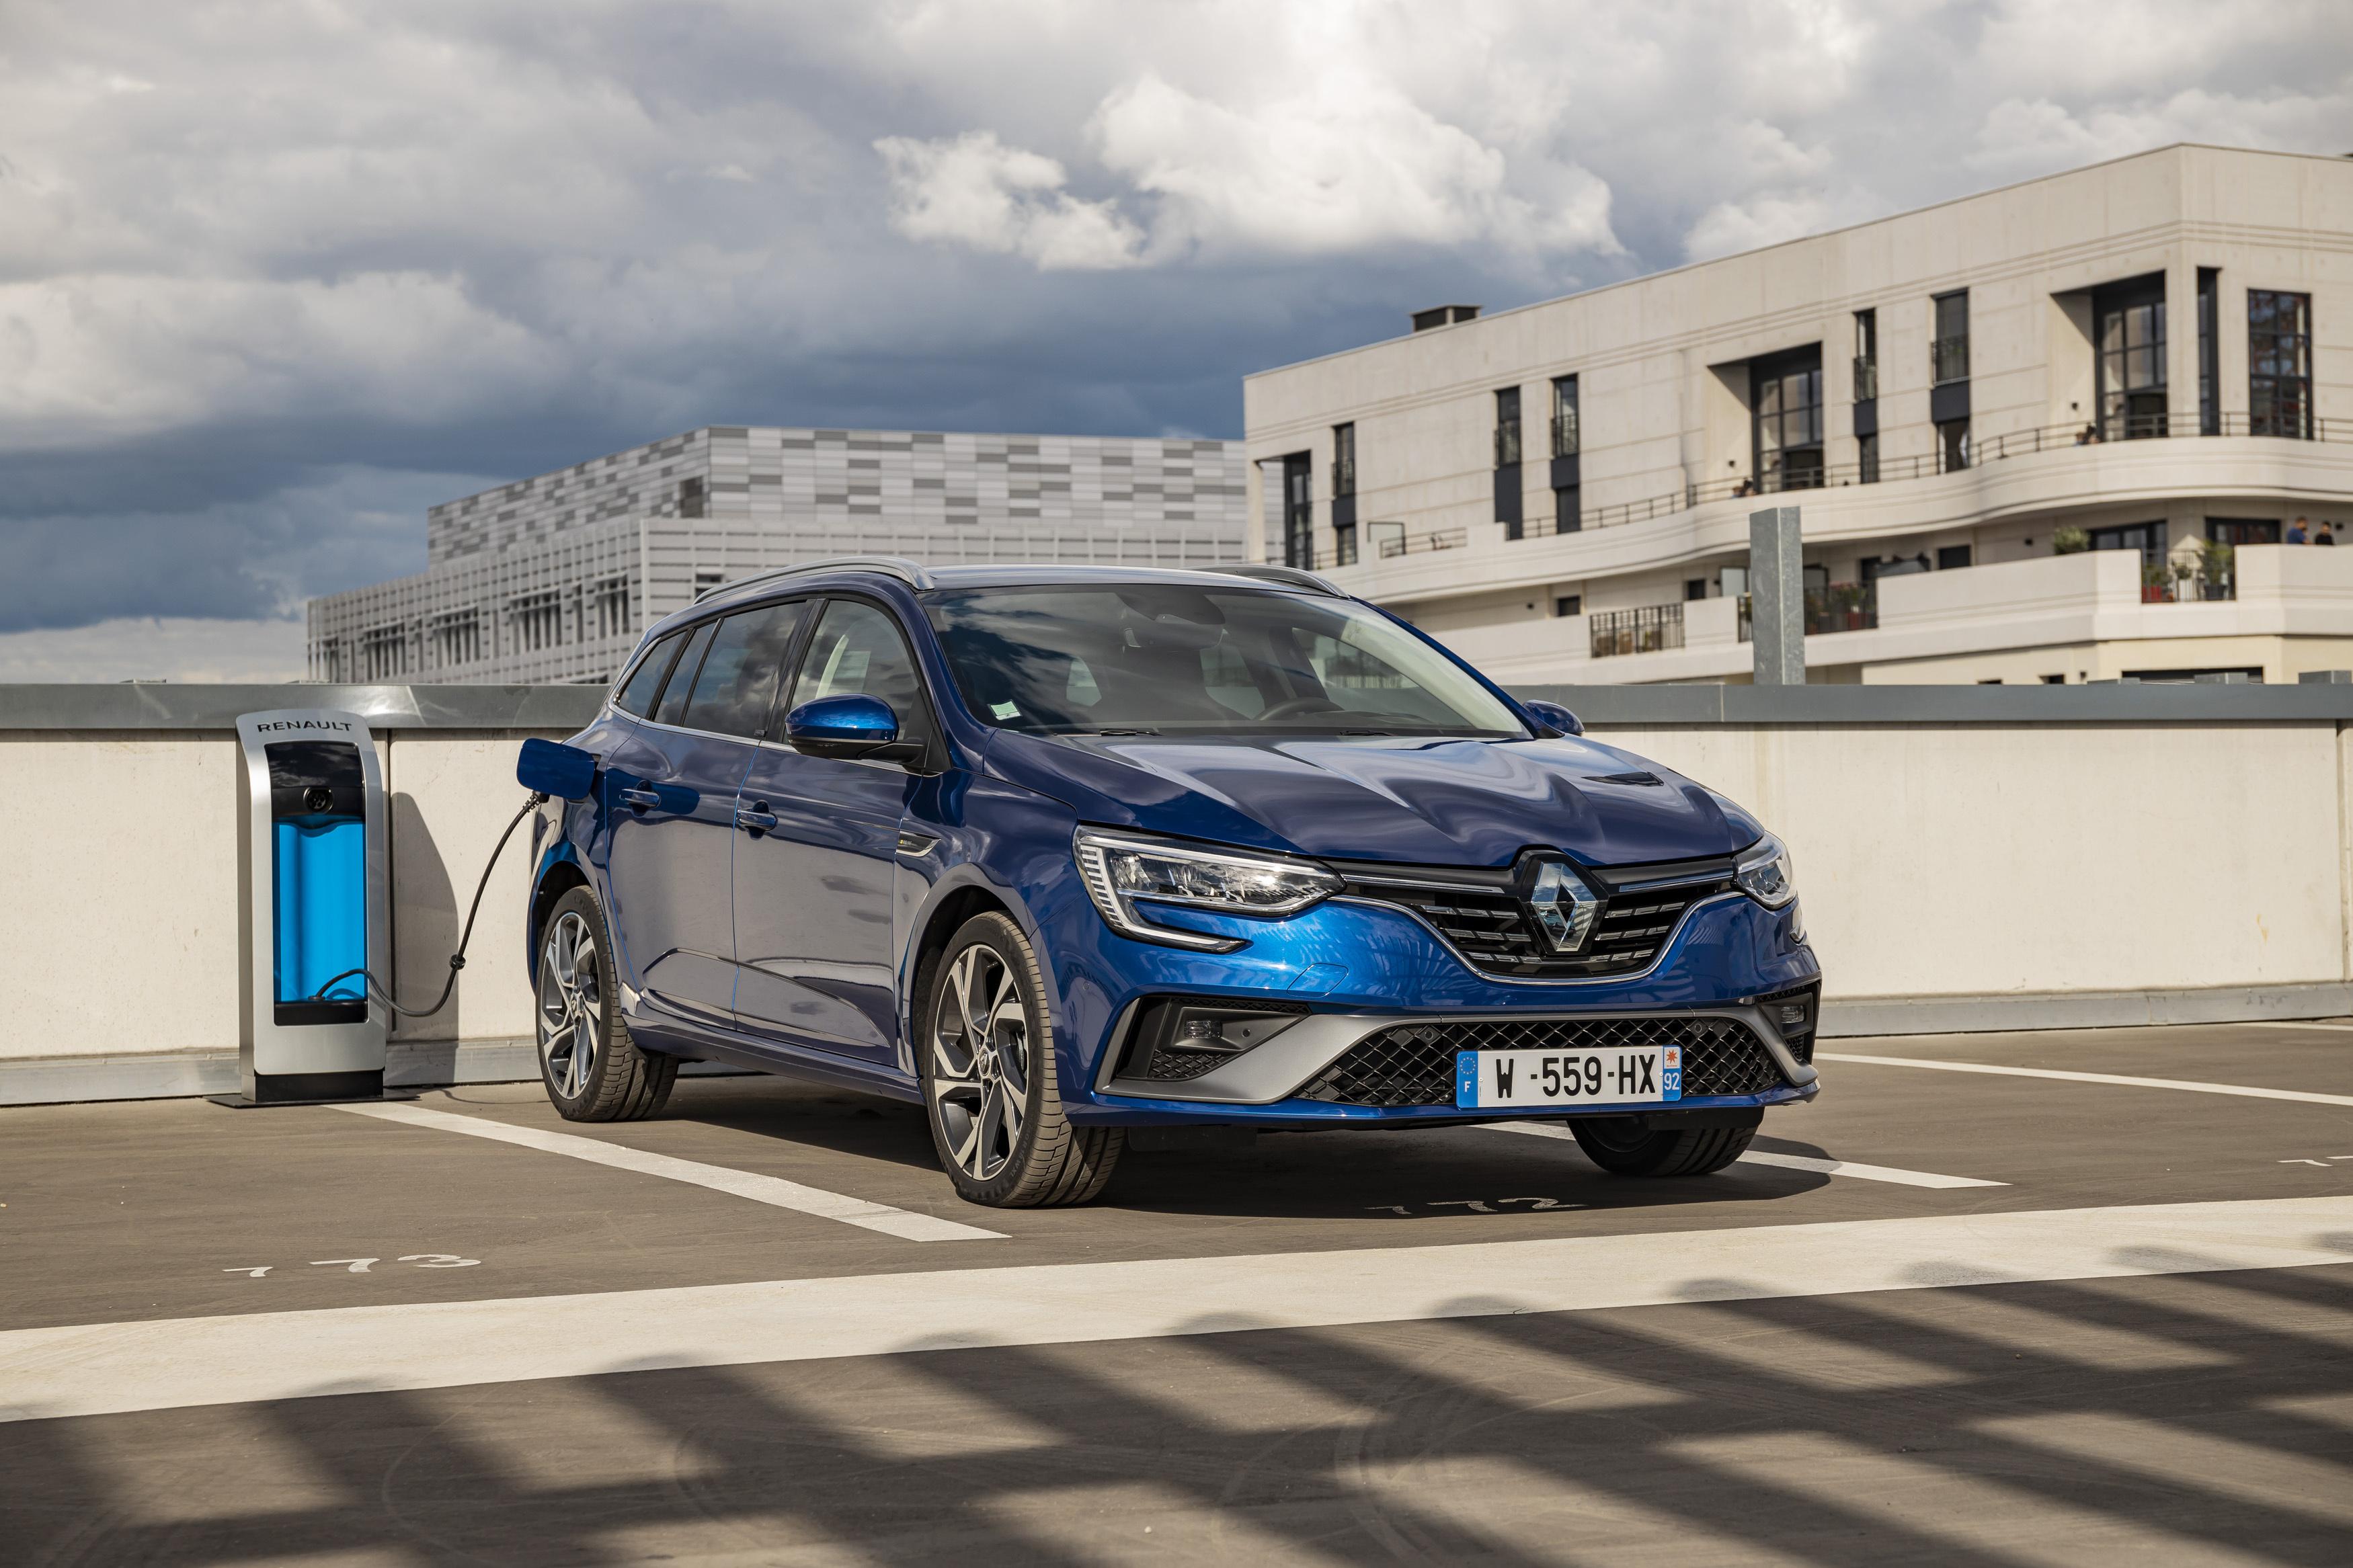 Картинки Renault 2020 Mégane E-TECH Plug-in Hybrid R.S. Line Estate Worldwide Парковка Гибридный автомобиль Синий машины Металлик Рено паркинг стоянка парковке припаркованная синяя синие синих авто машина Автомобили автомобиль